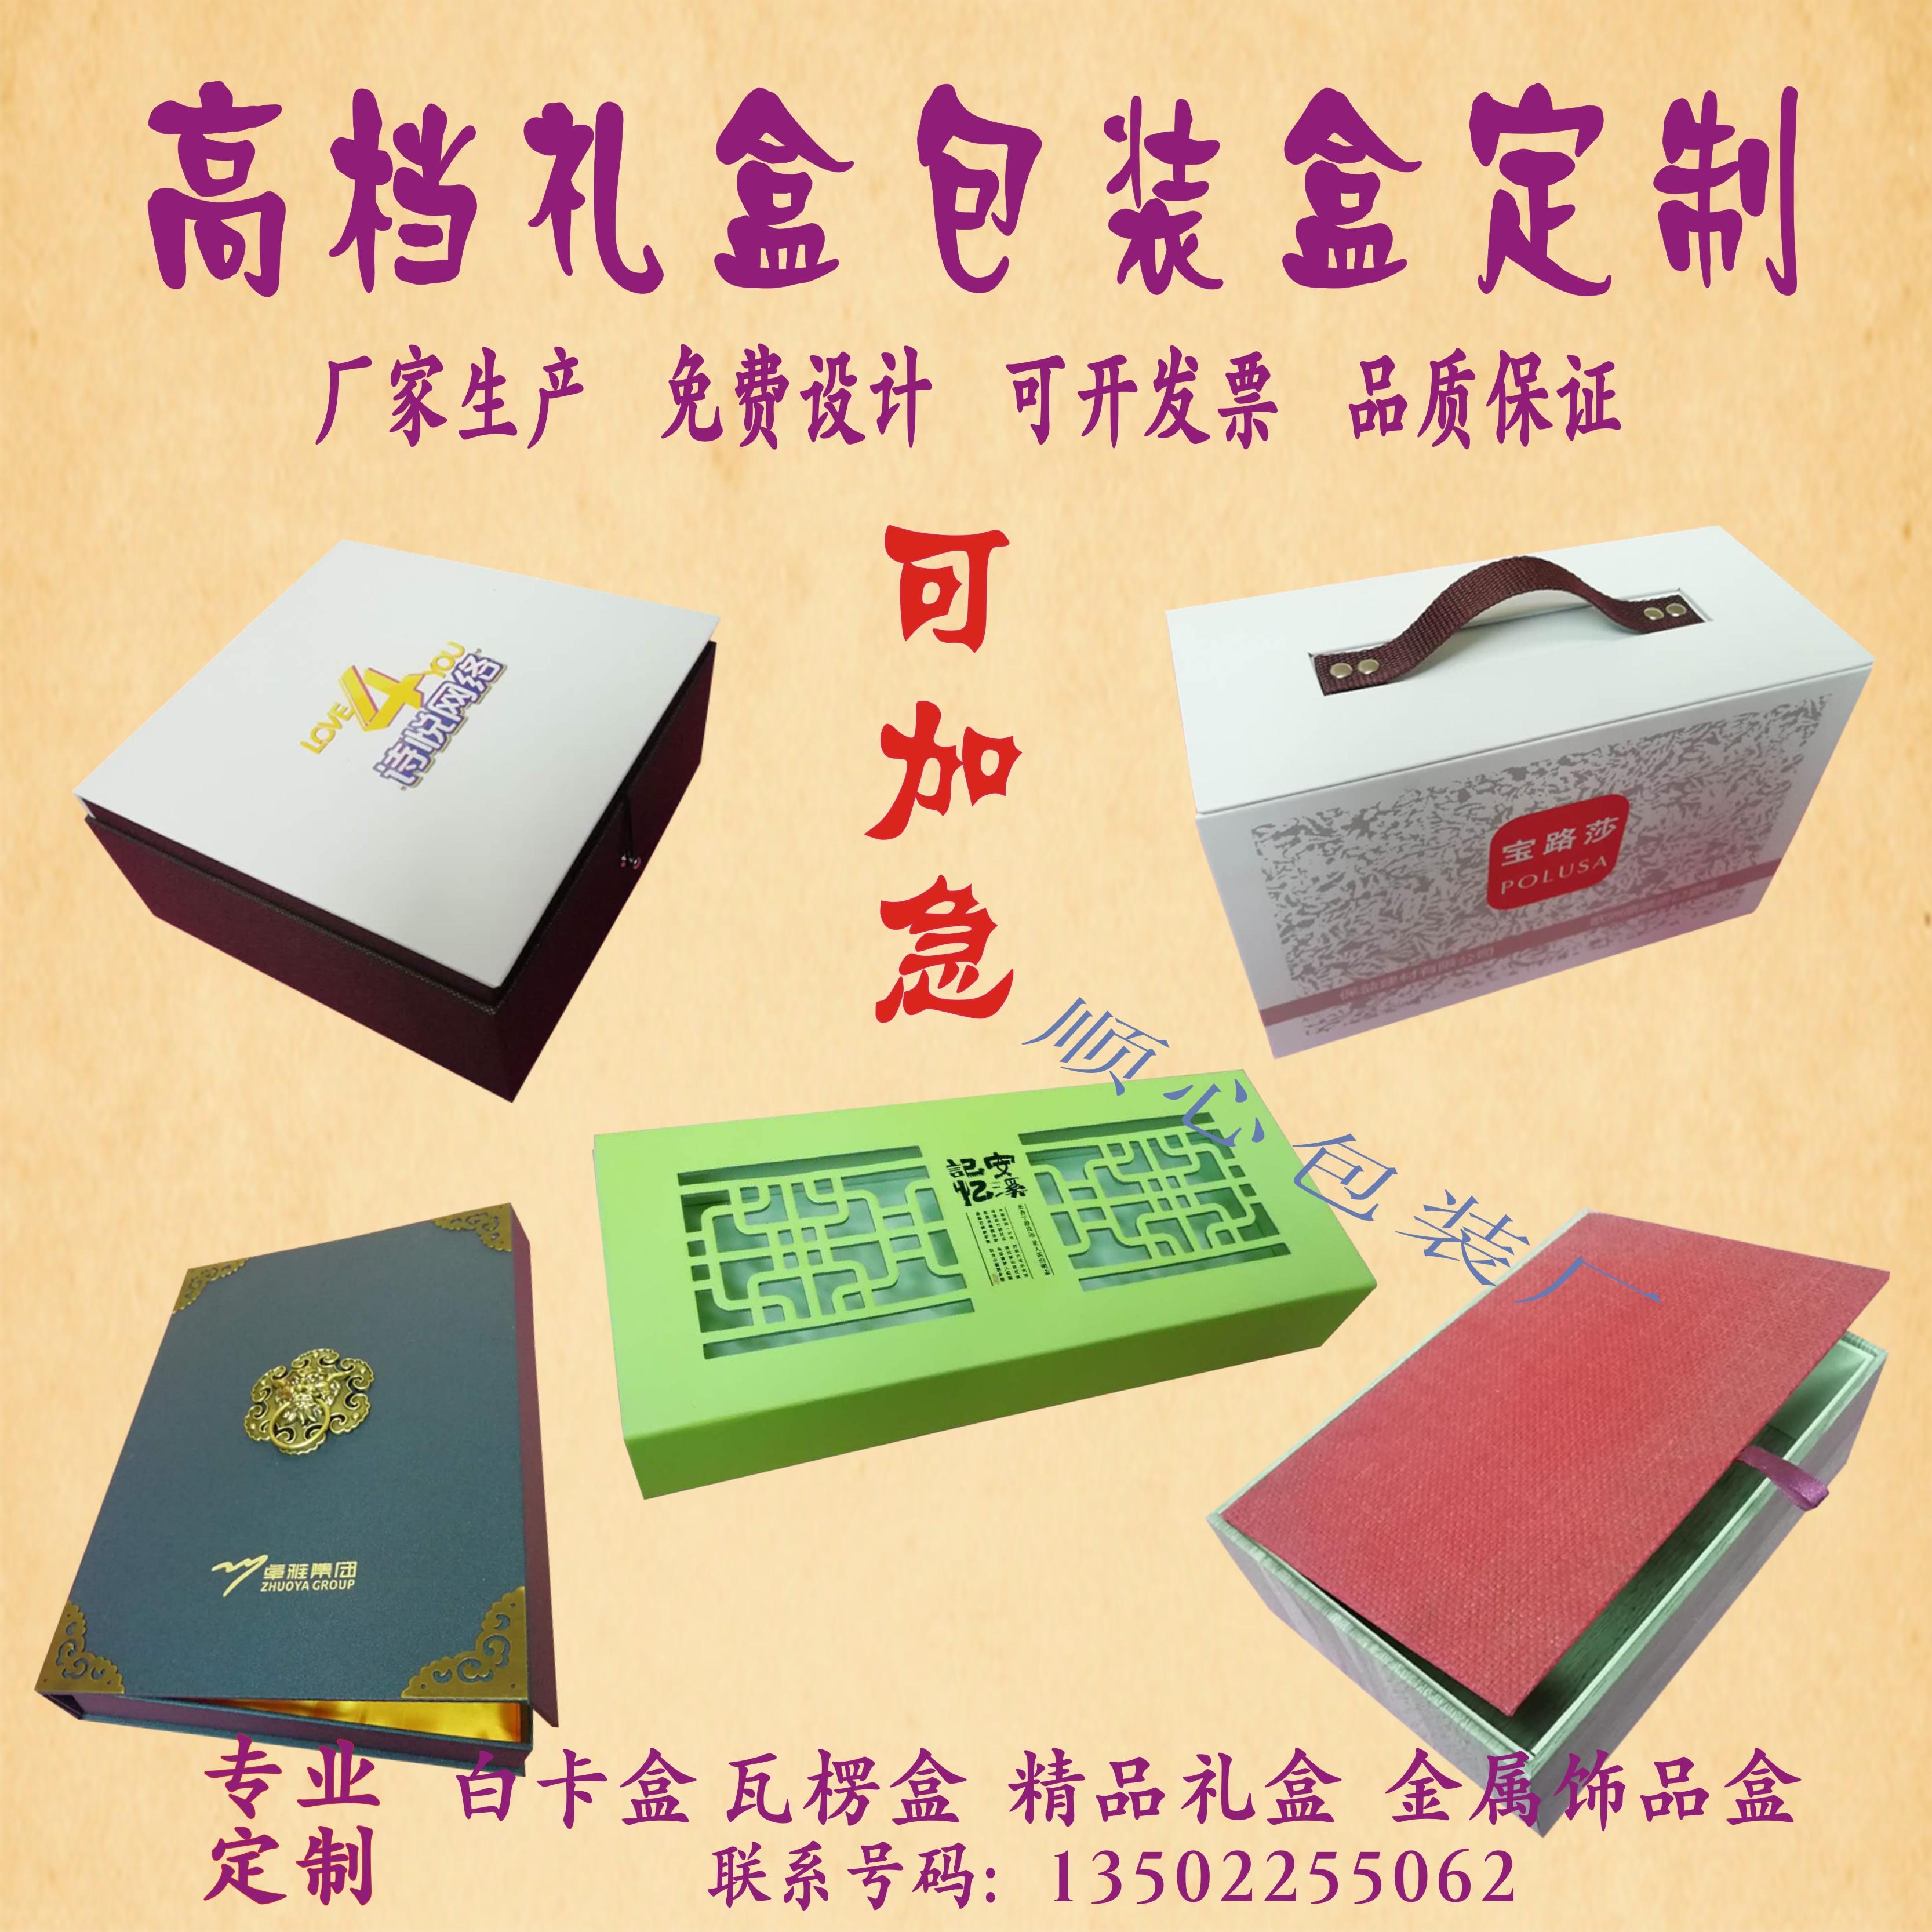 定制高档硬纸板礼品礼物盒翻盖抽屉盒喜糖礼盒定做包装盒定做印刷